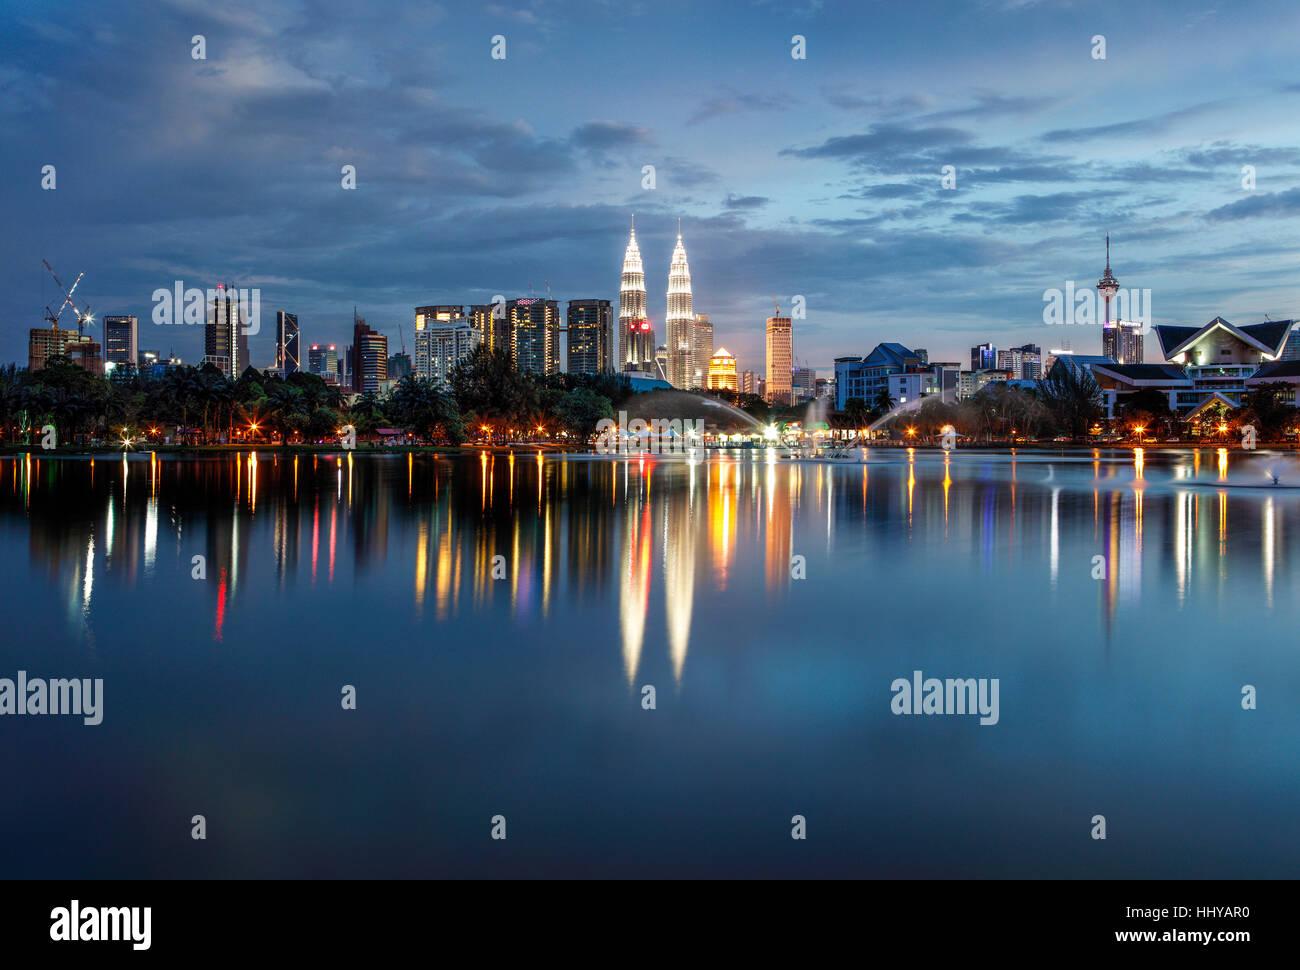 El horizonte de Kuala Lumpur durante el crepúsculo. Imagen De Stock